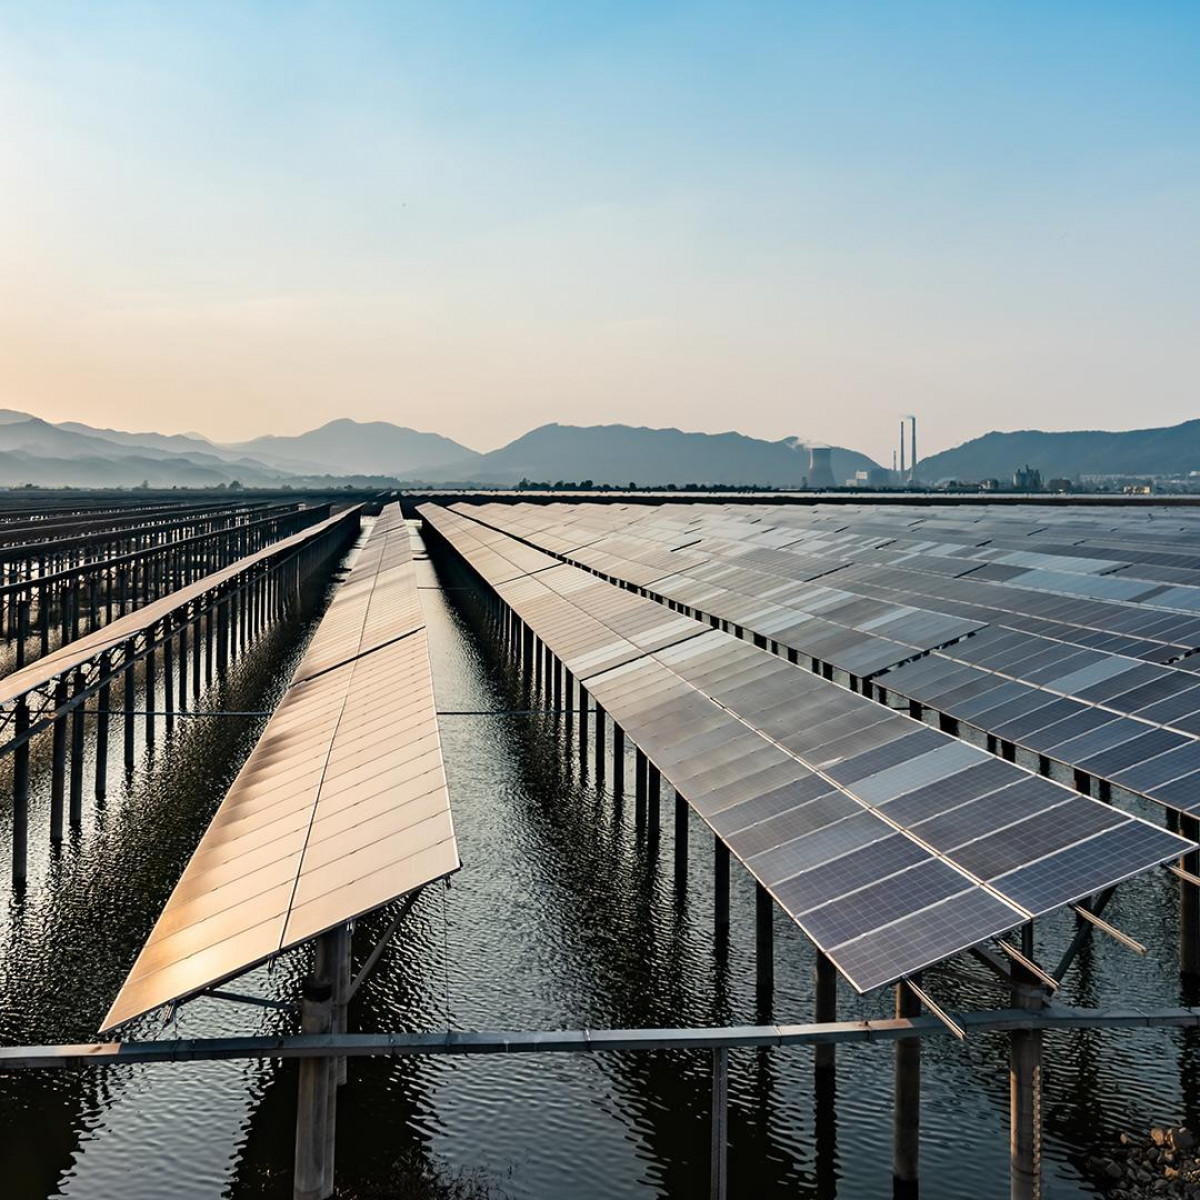 Melihat Energi Terbarukan sebagai Upaya Demokratisasi dan Potensi Masa Depan